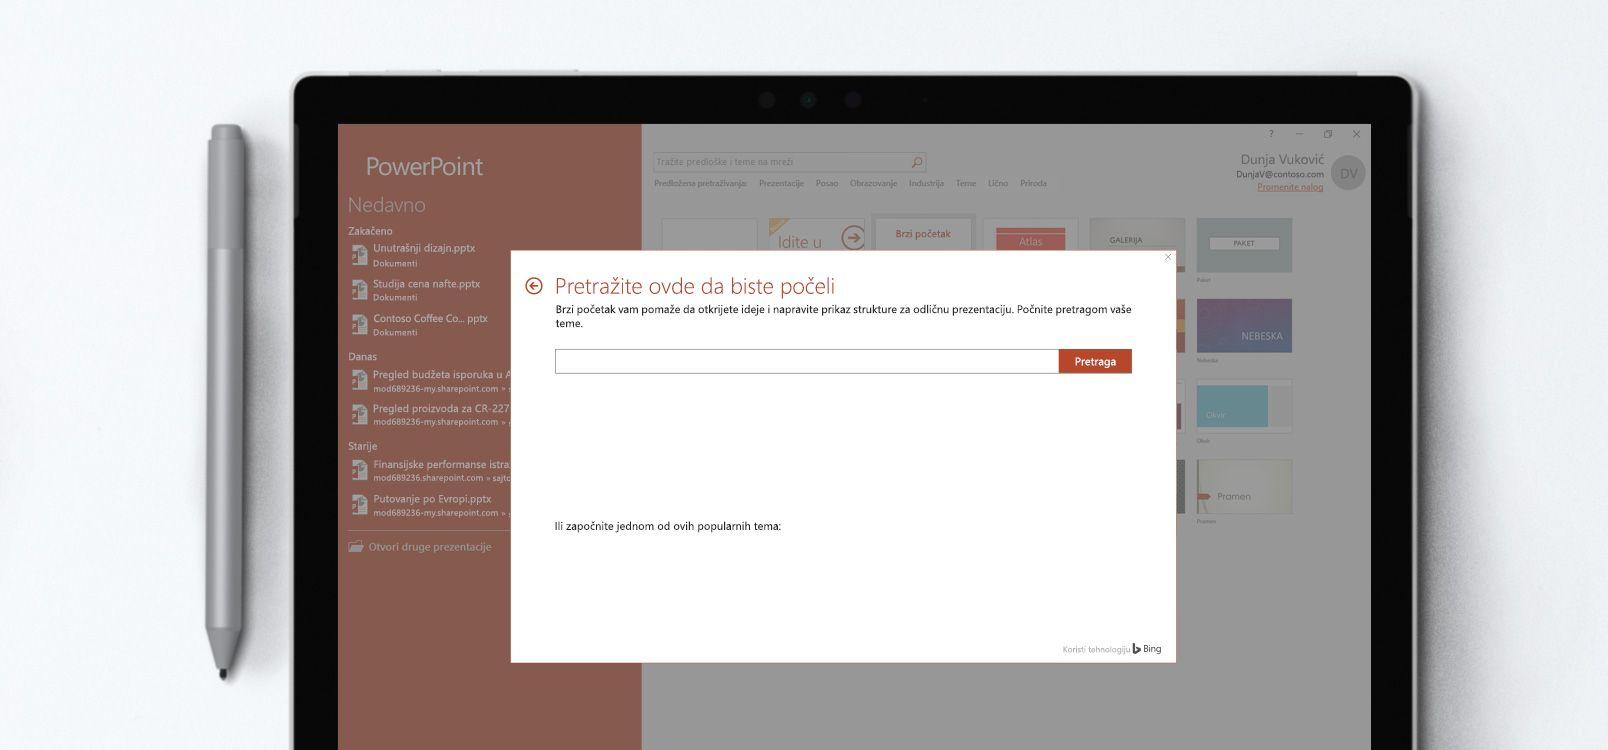 """Ekran tableta koji prikazuje PowerPoint dokument koji koristi funkciju """"Brzi početak"""""""